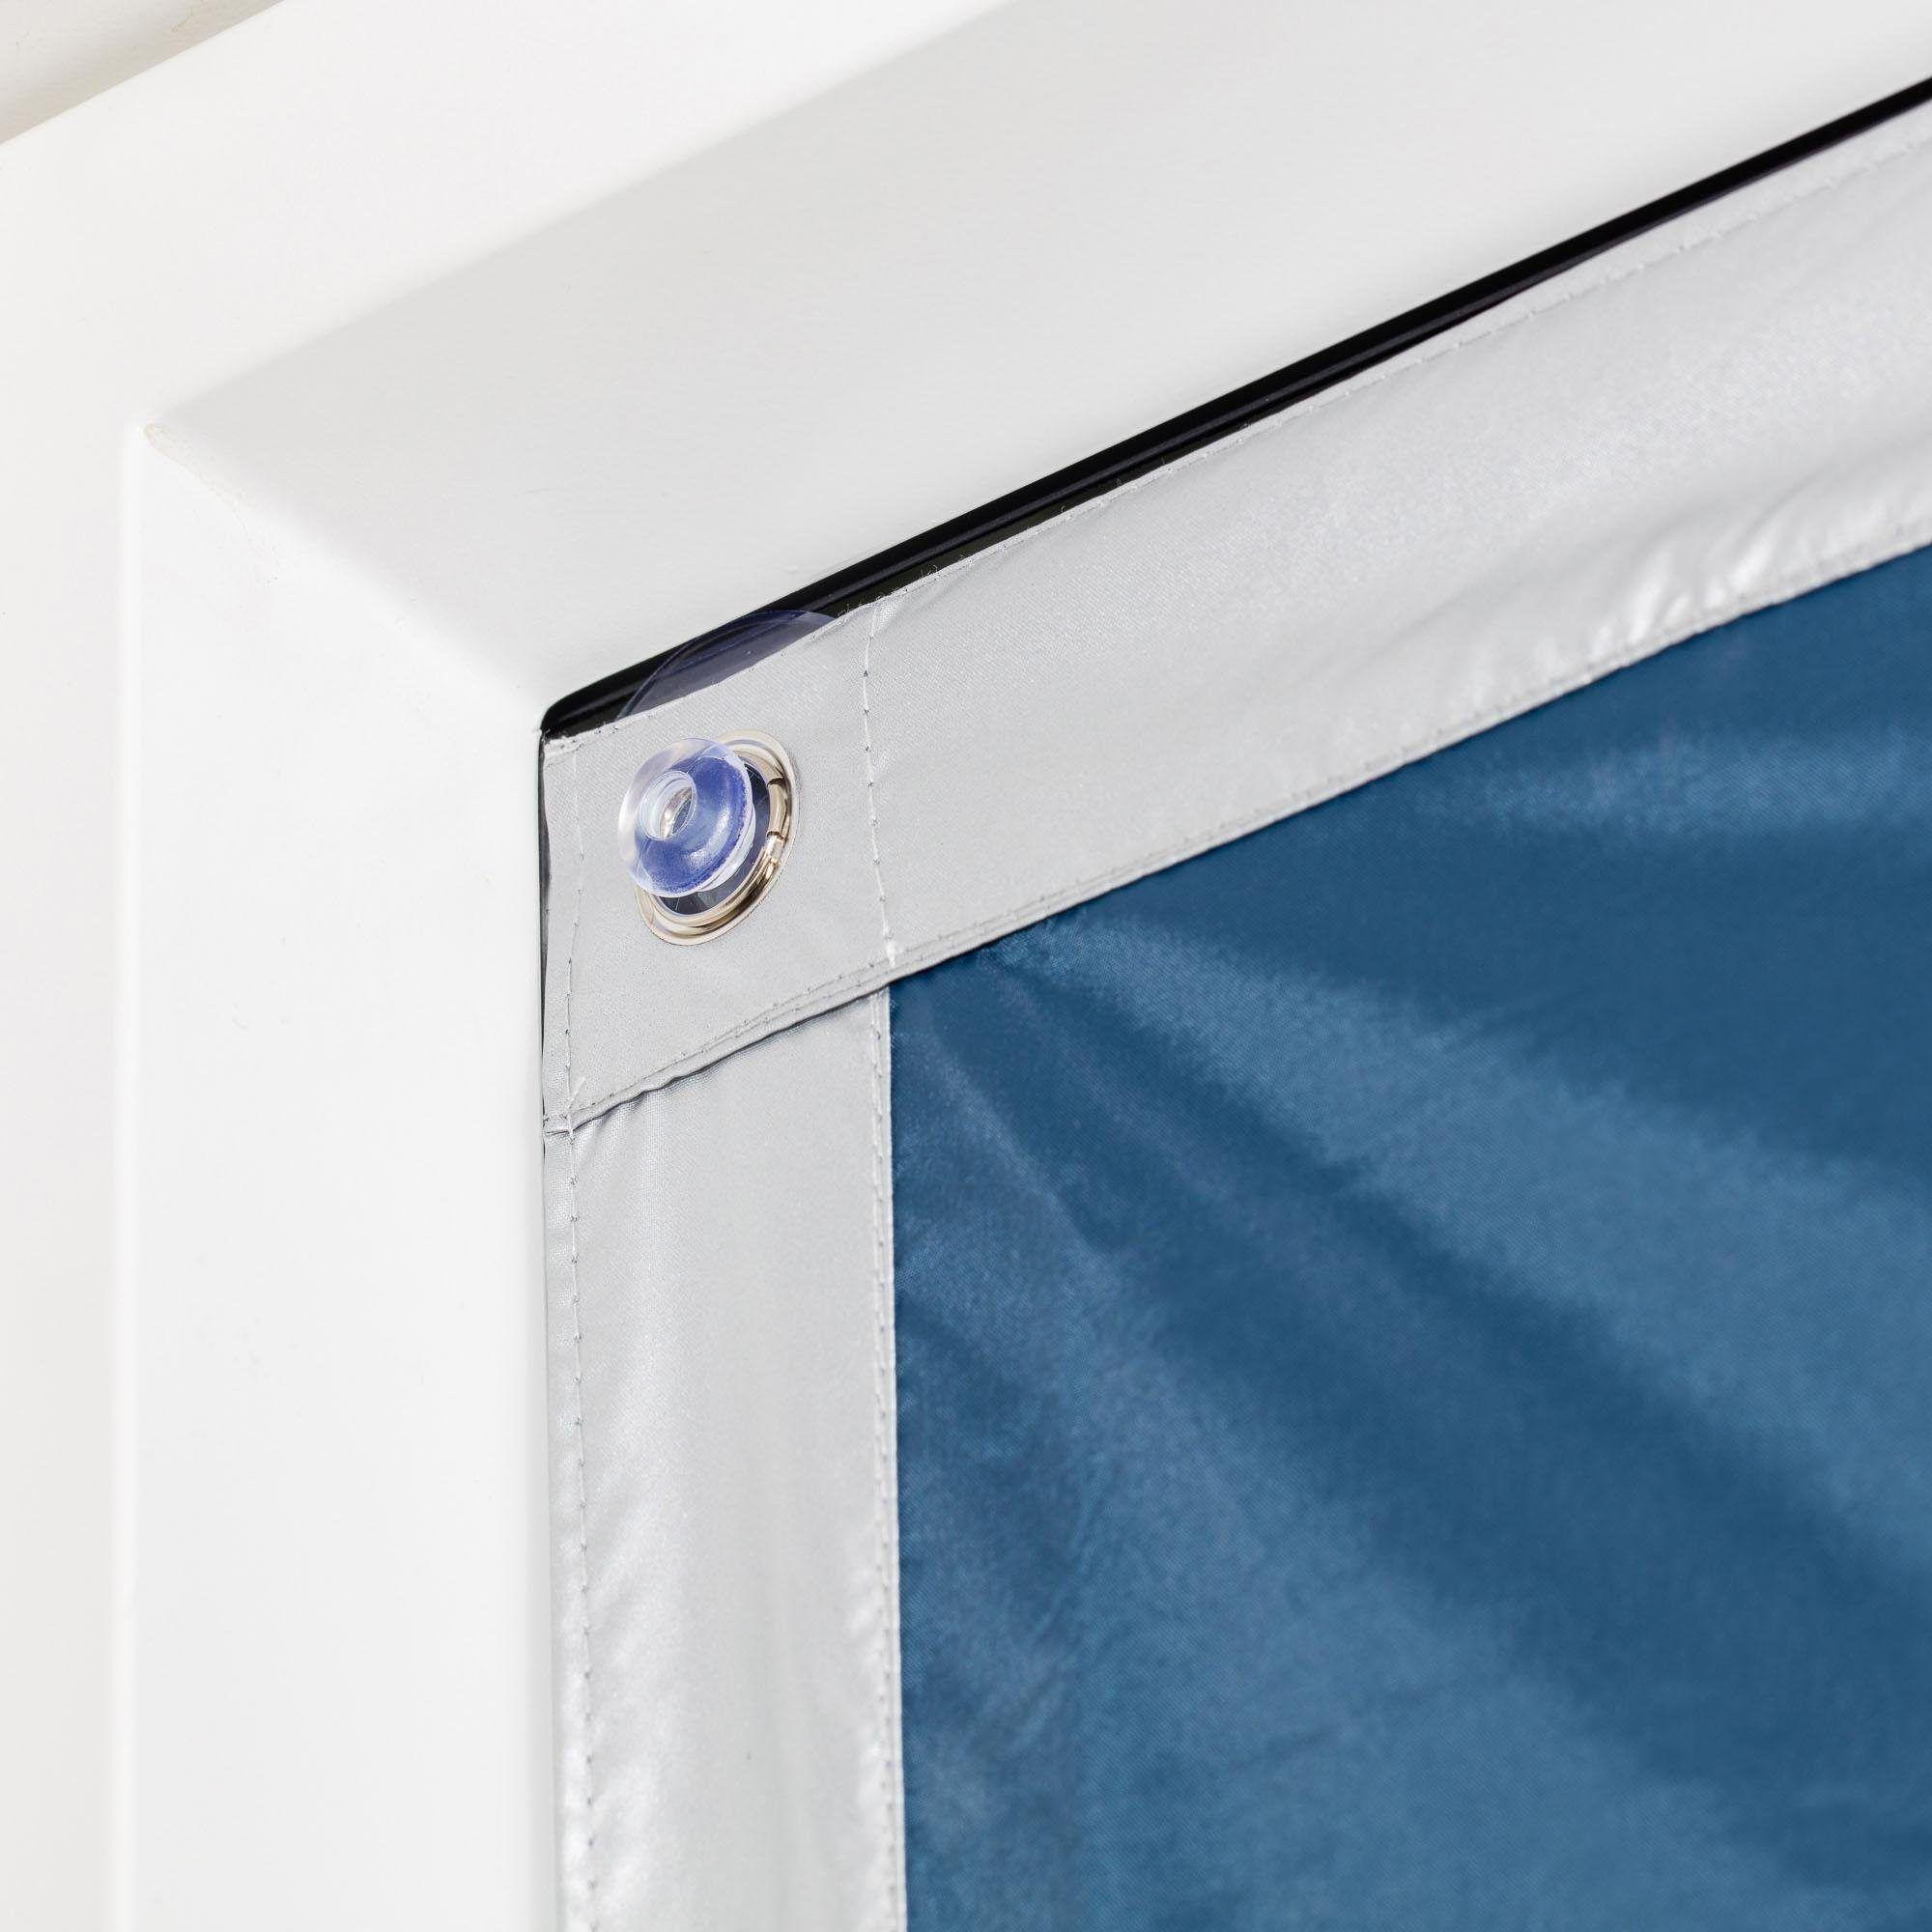 <p><b>Hitzeschutz, Abdunkelung & Isolierung in Einem: Sonnenschutz von Lichtblick.</b></p> <p>Der Haftfix Thermo Sonnenschutz für Dachfenster sorgt für angenehme und gleichbleibende Raumtemperaturen, da er eindringende Sonnenstrahlen durch die rückseitige Silberbeschichtung reflektiert und zusätzlich eine Wärme- und Kältebarriere schafft, die die warme Raumluft im Winter nicht in Kontakt mit der kalten Fensterscheibe bringt. Dieser Hitzeschutz mit Thermofunktion ist einfach und schnell durch die